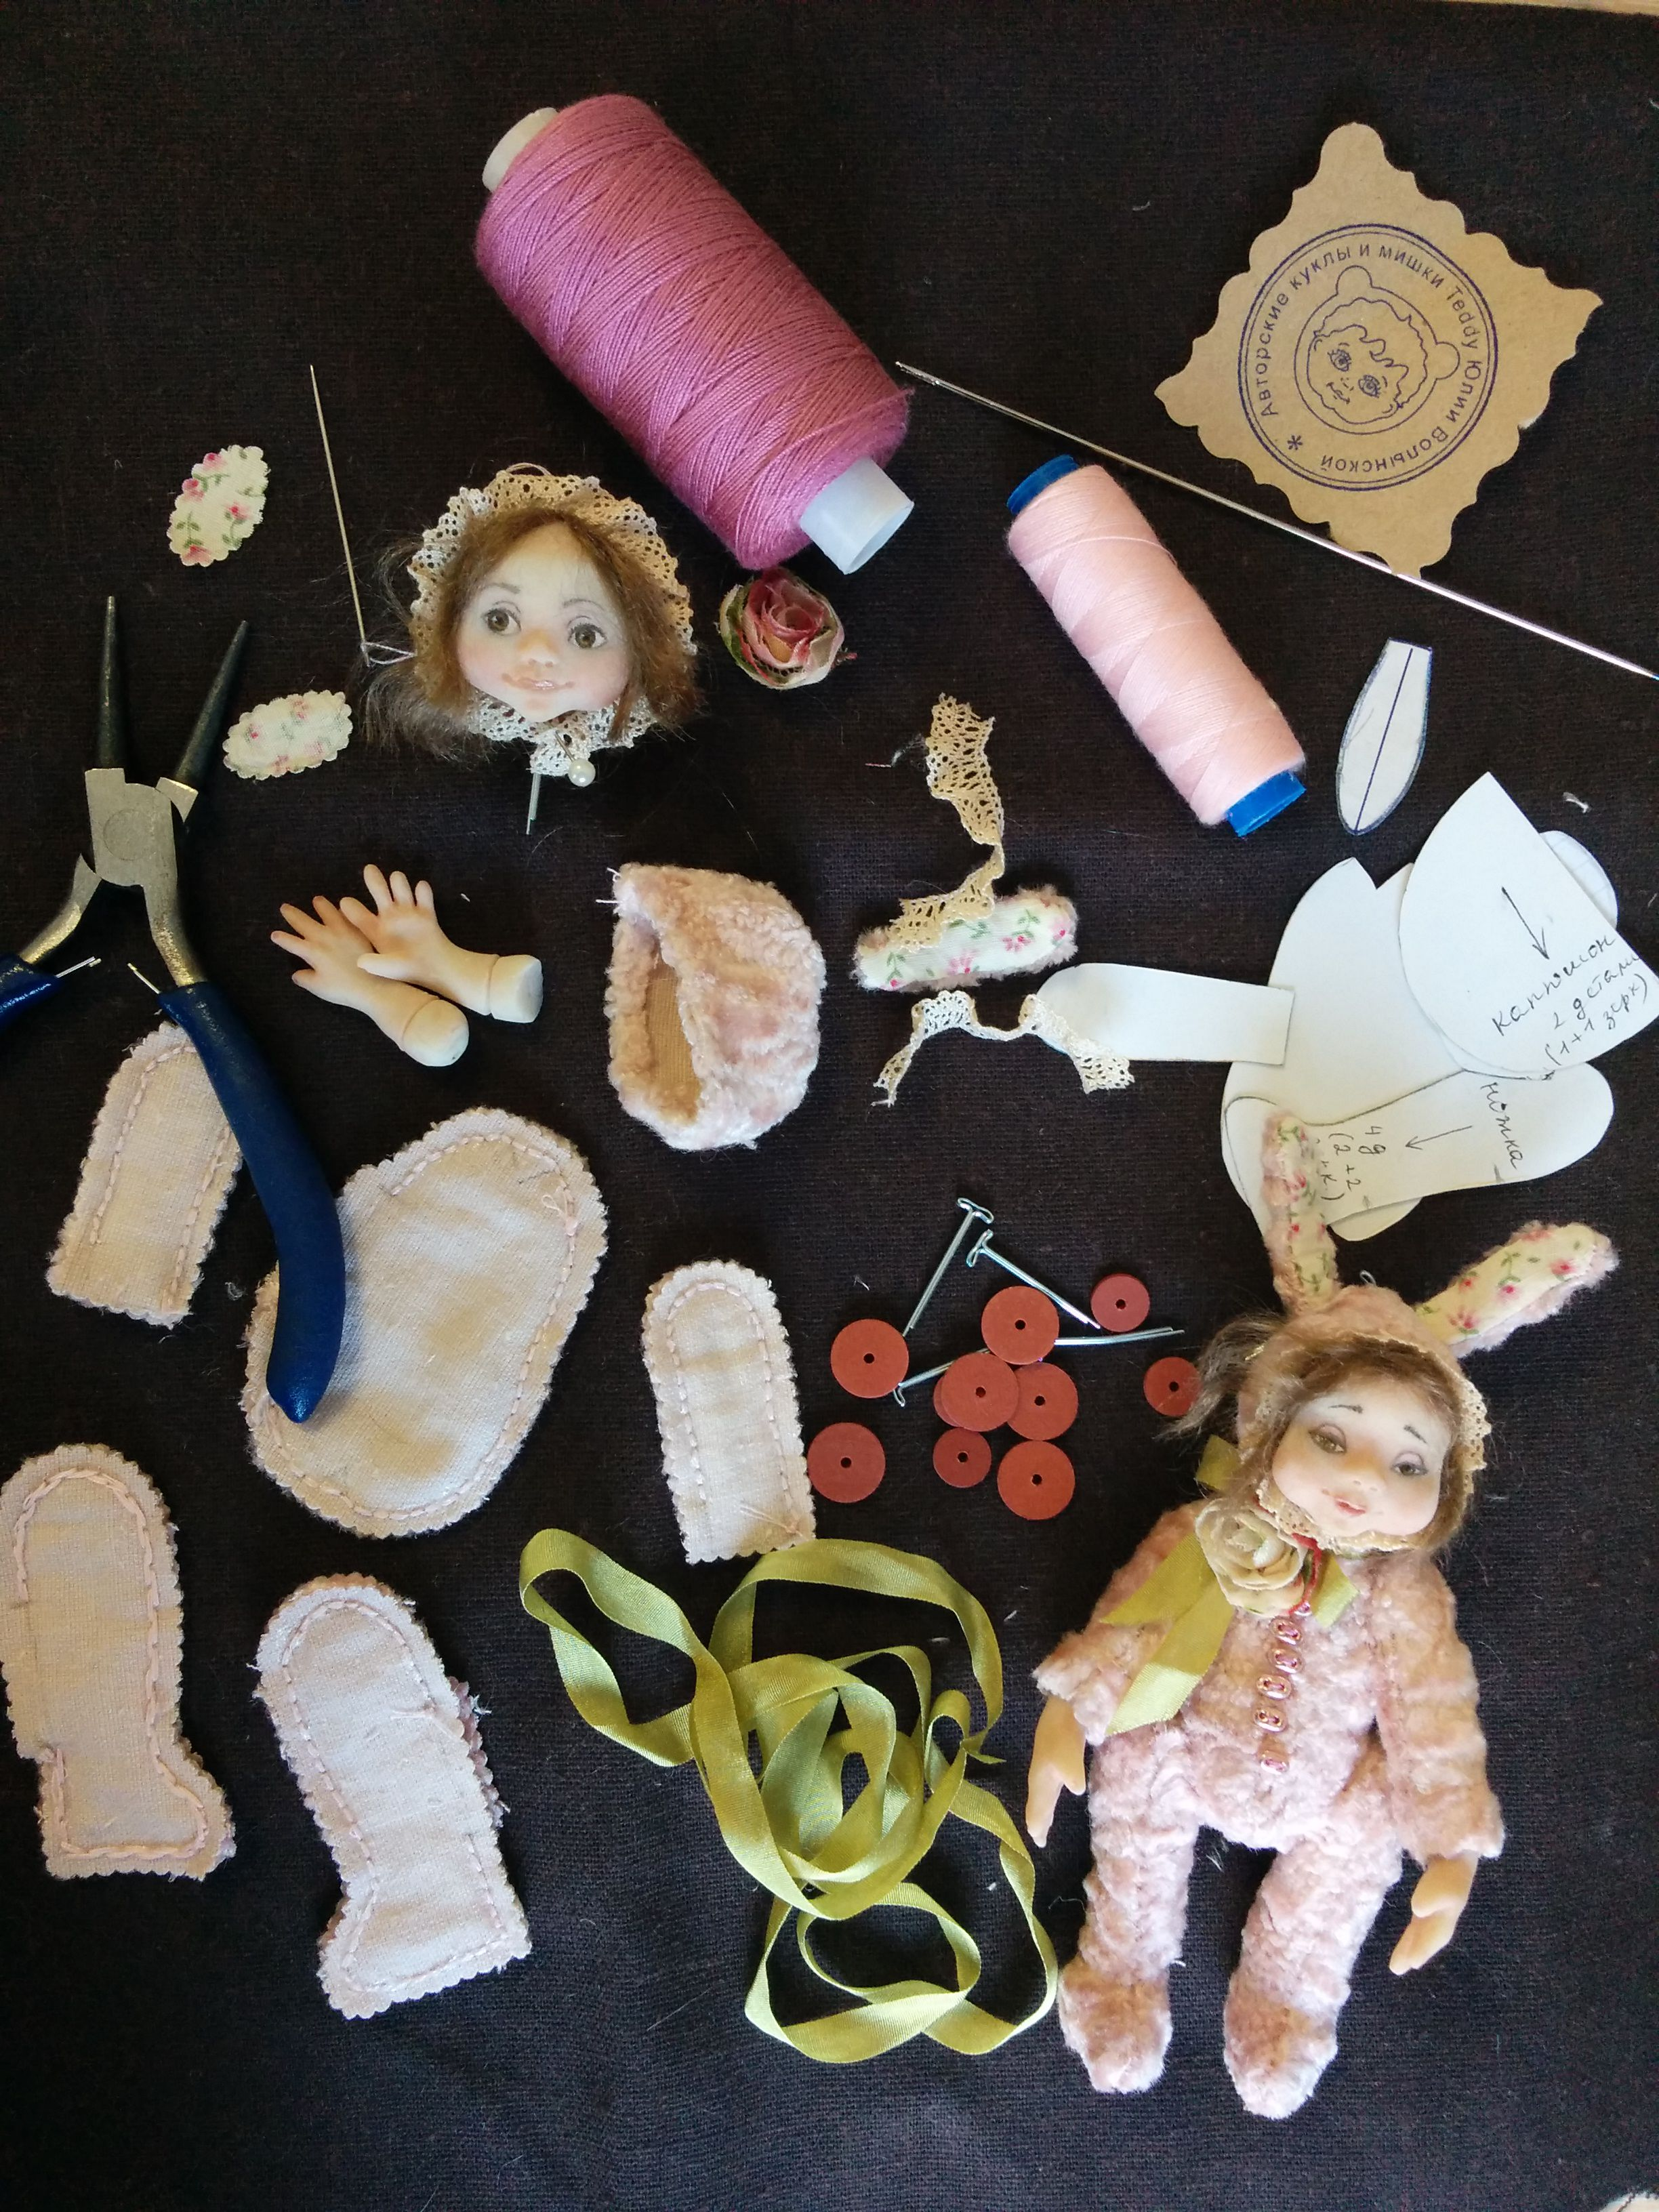 авторскаяработа ручнаяработа подарок кукла оригинальныйподарок эксклюзив тедди куклыюлииволынской теддидол роскошь куклы кукланазаказ